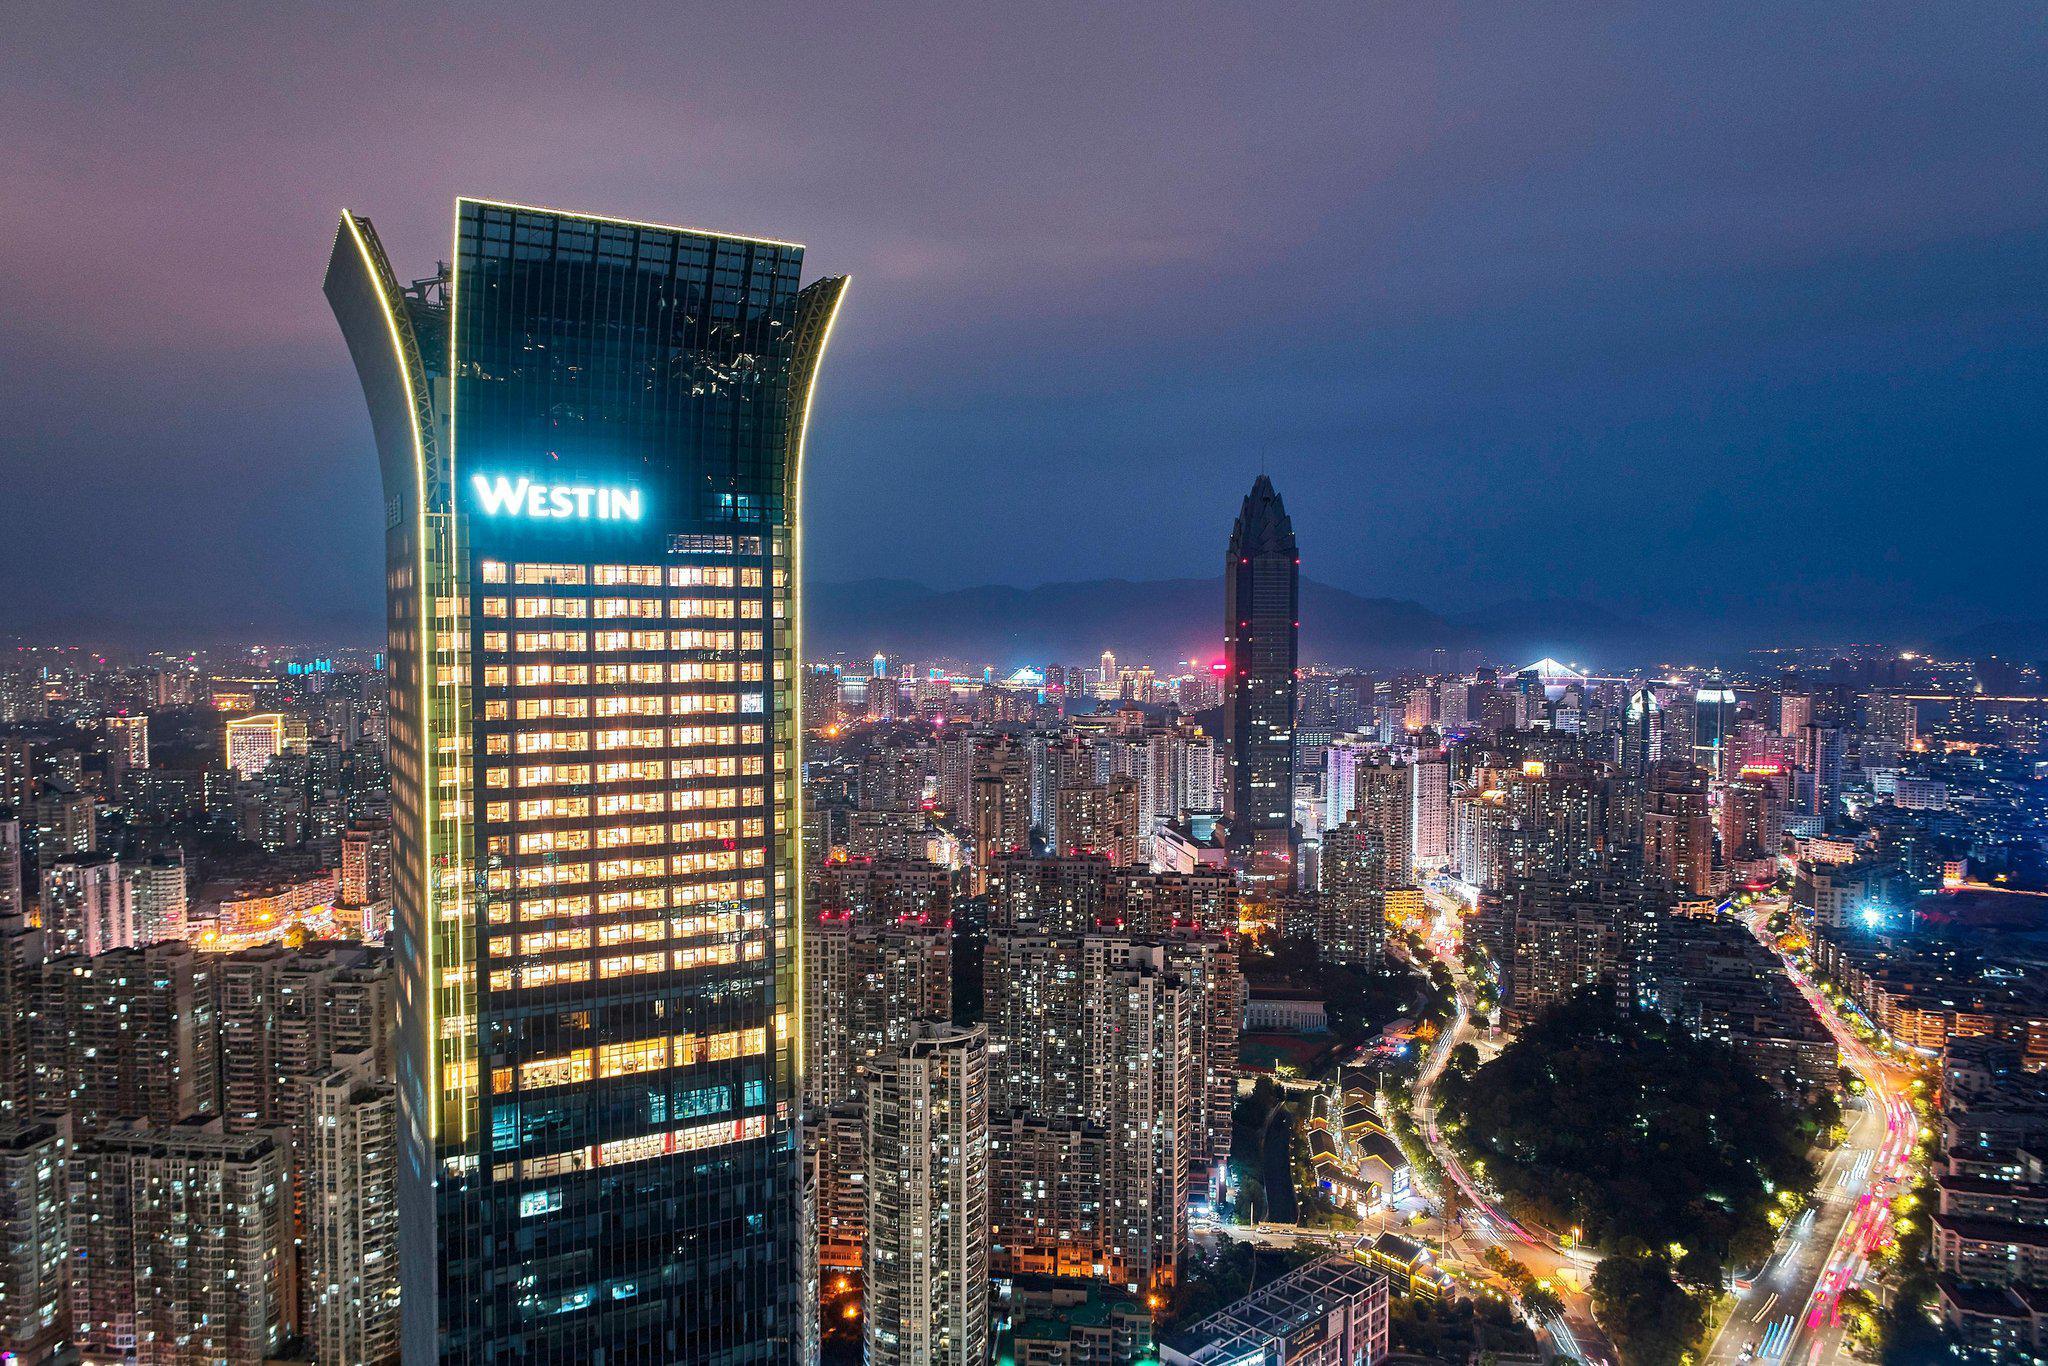 The Westin Wenzhou